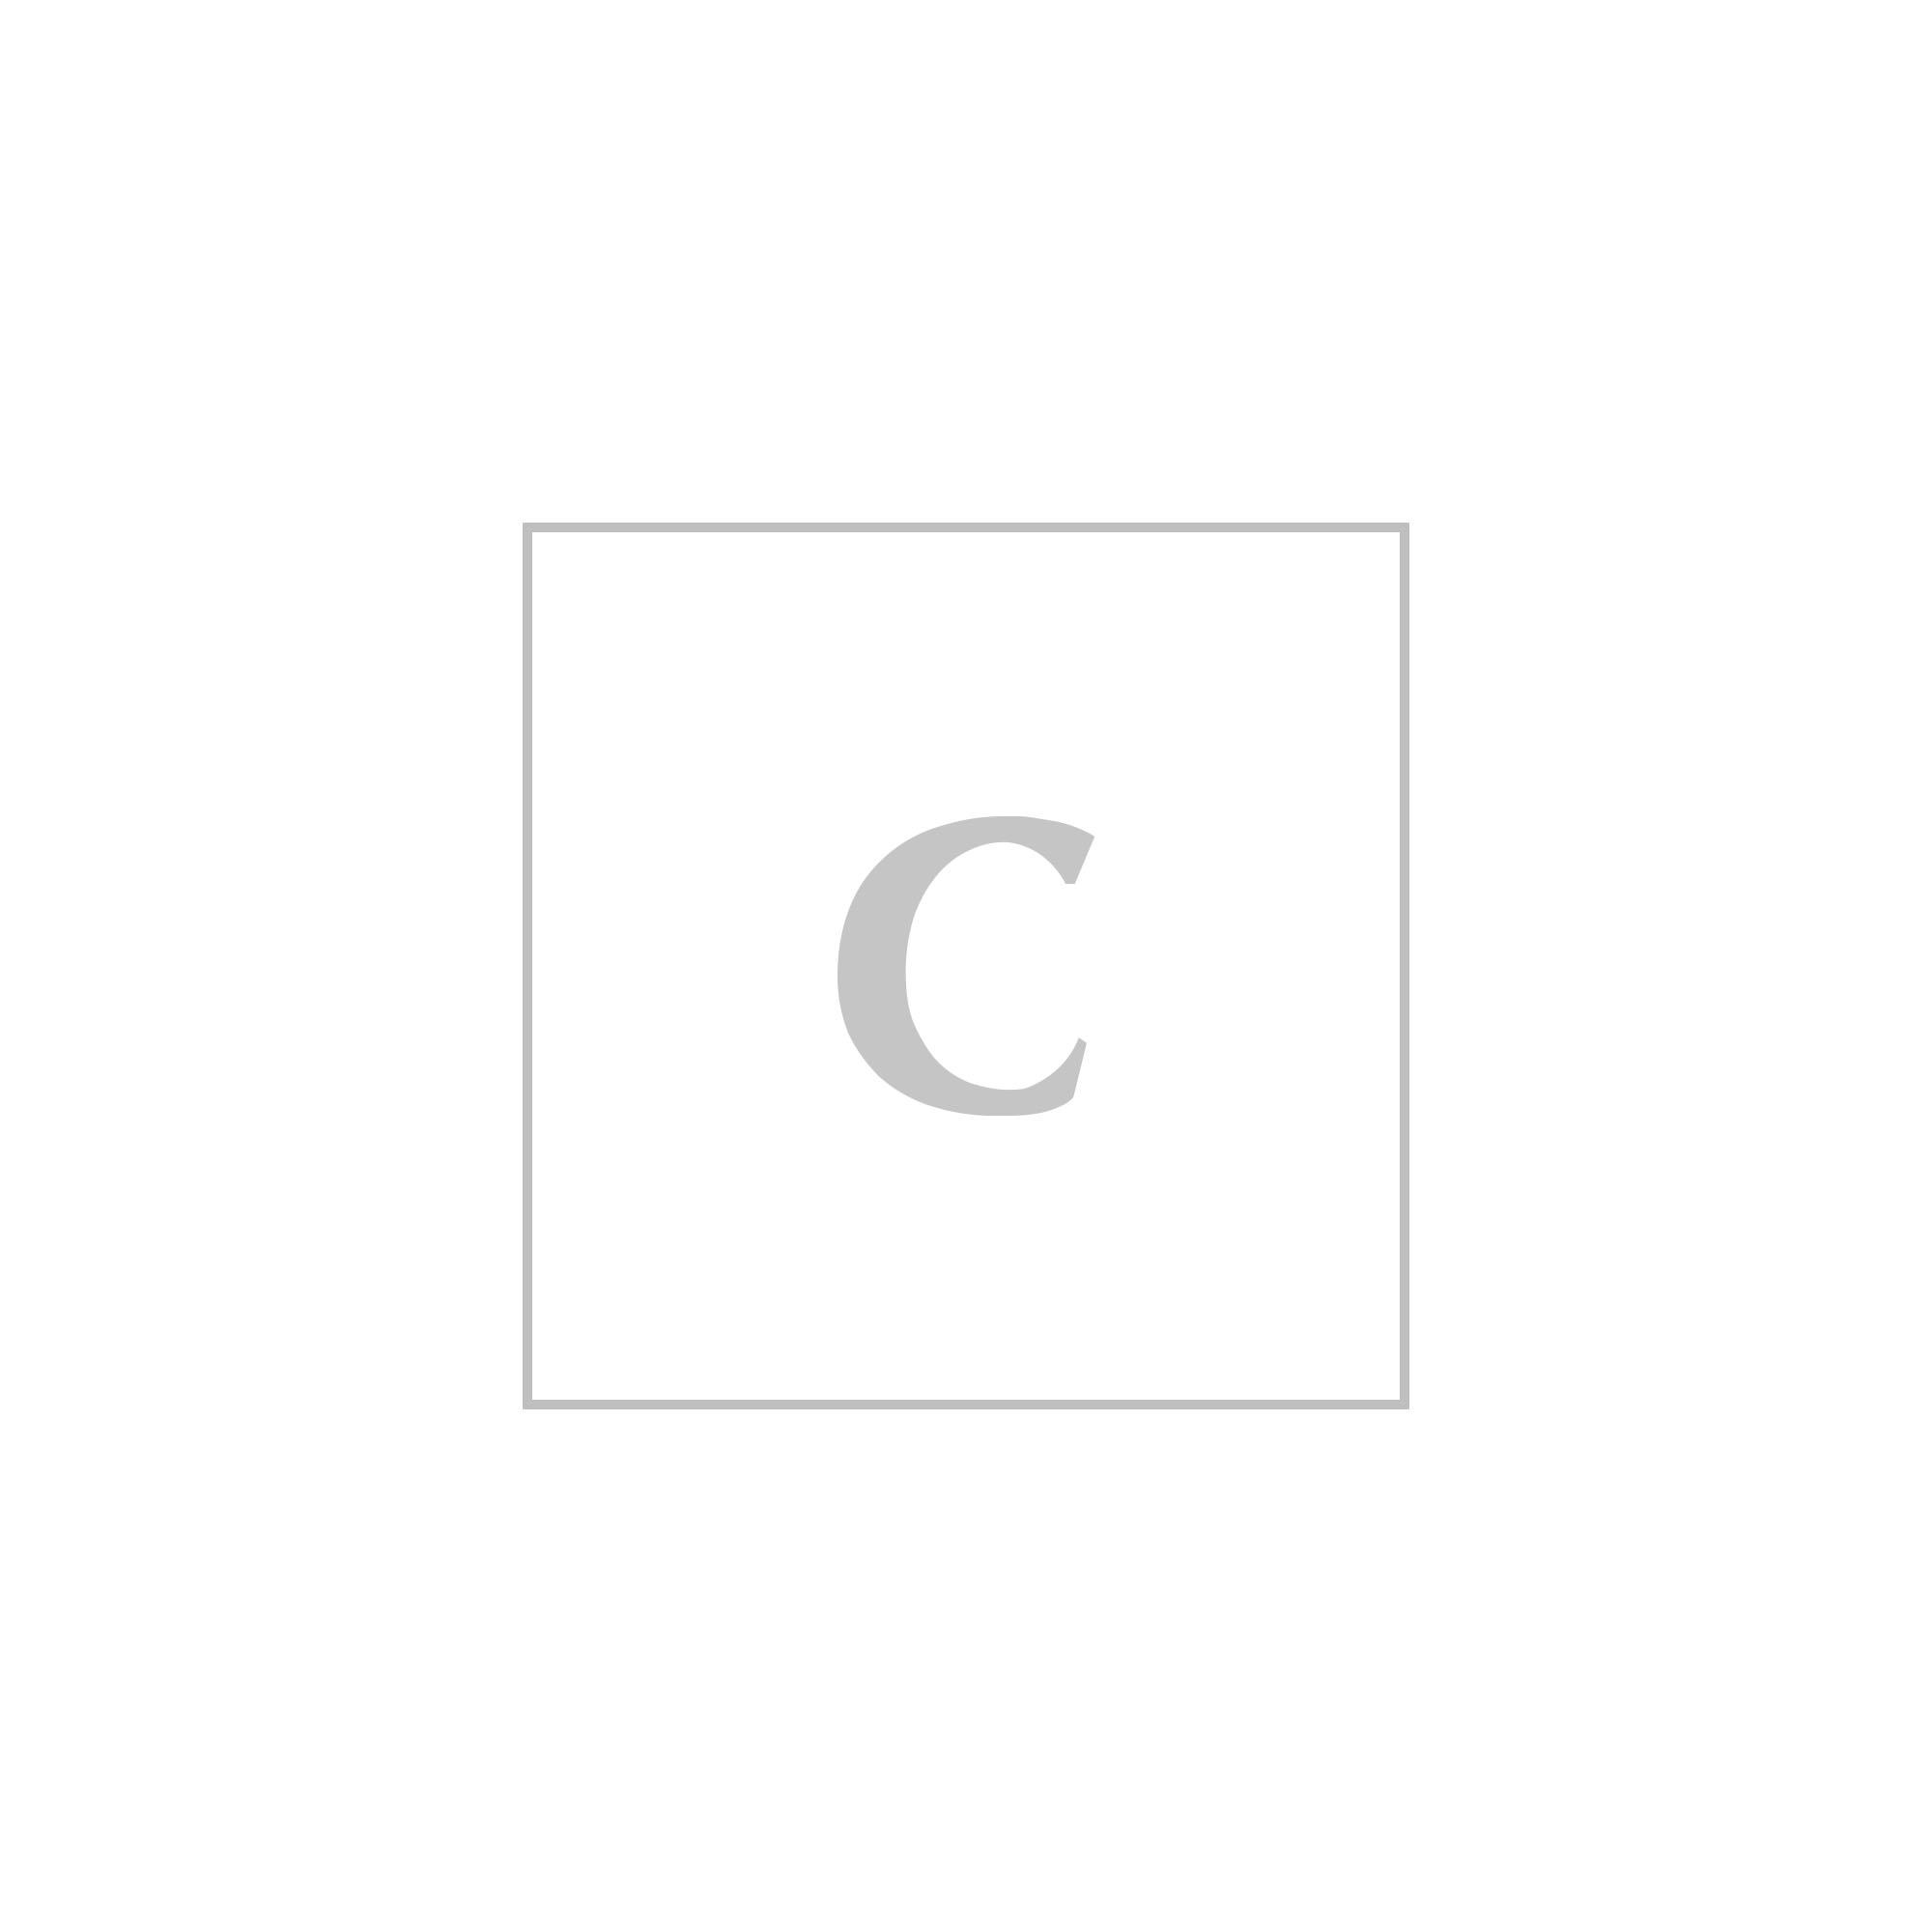 Moncler giubbotto coryphene